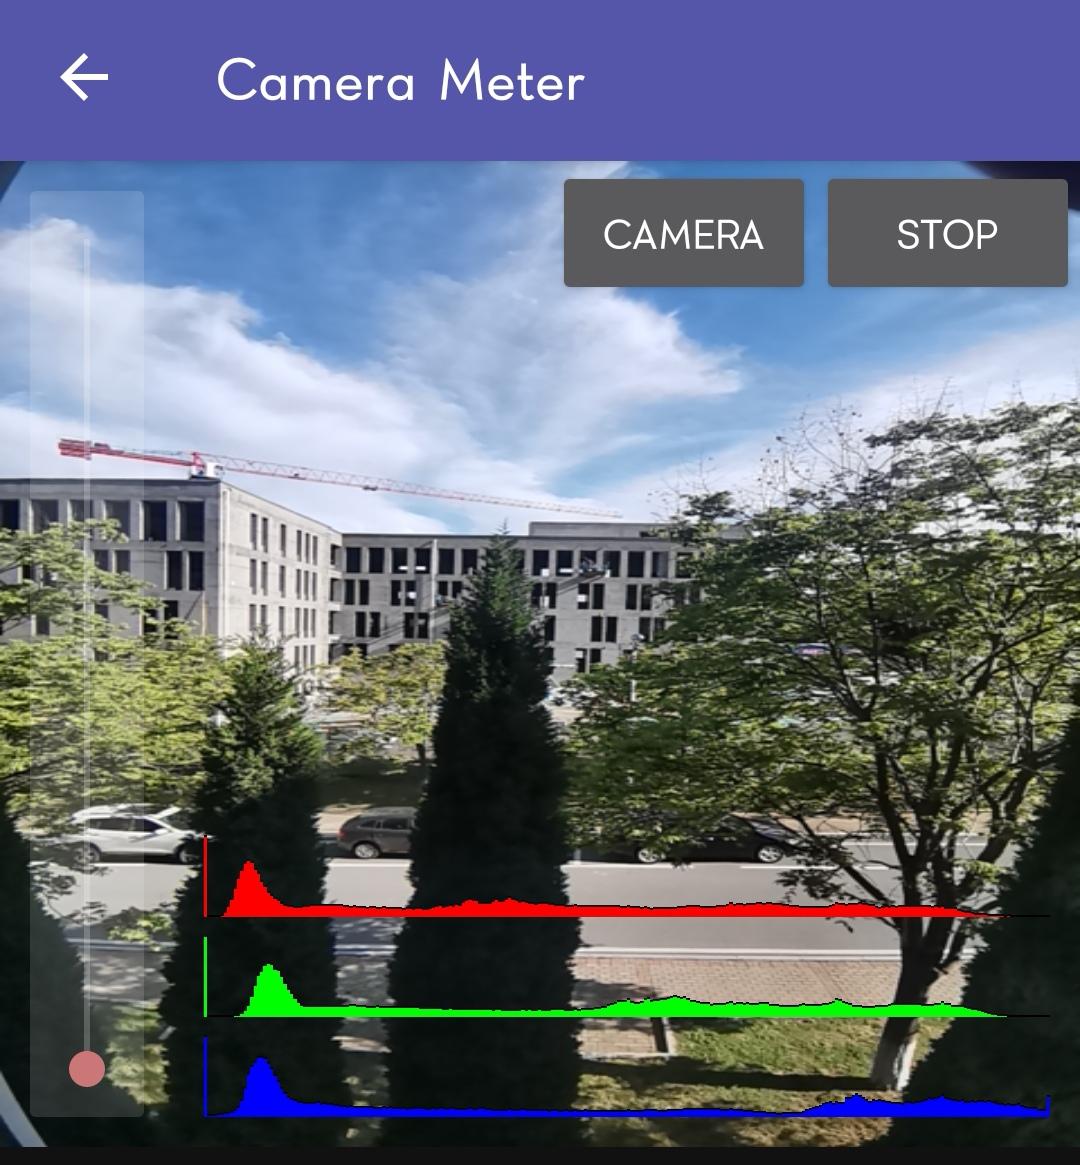 如今手机的拍照功能是否超越了相机?   谈谈计算摄影